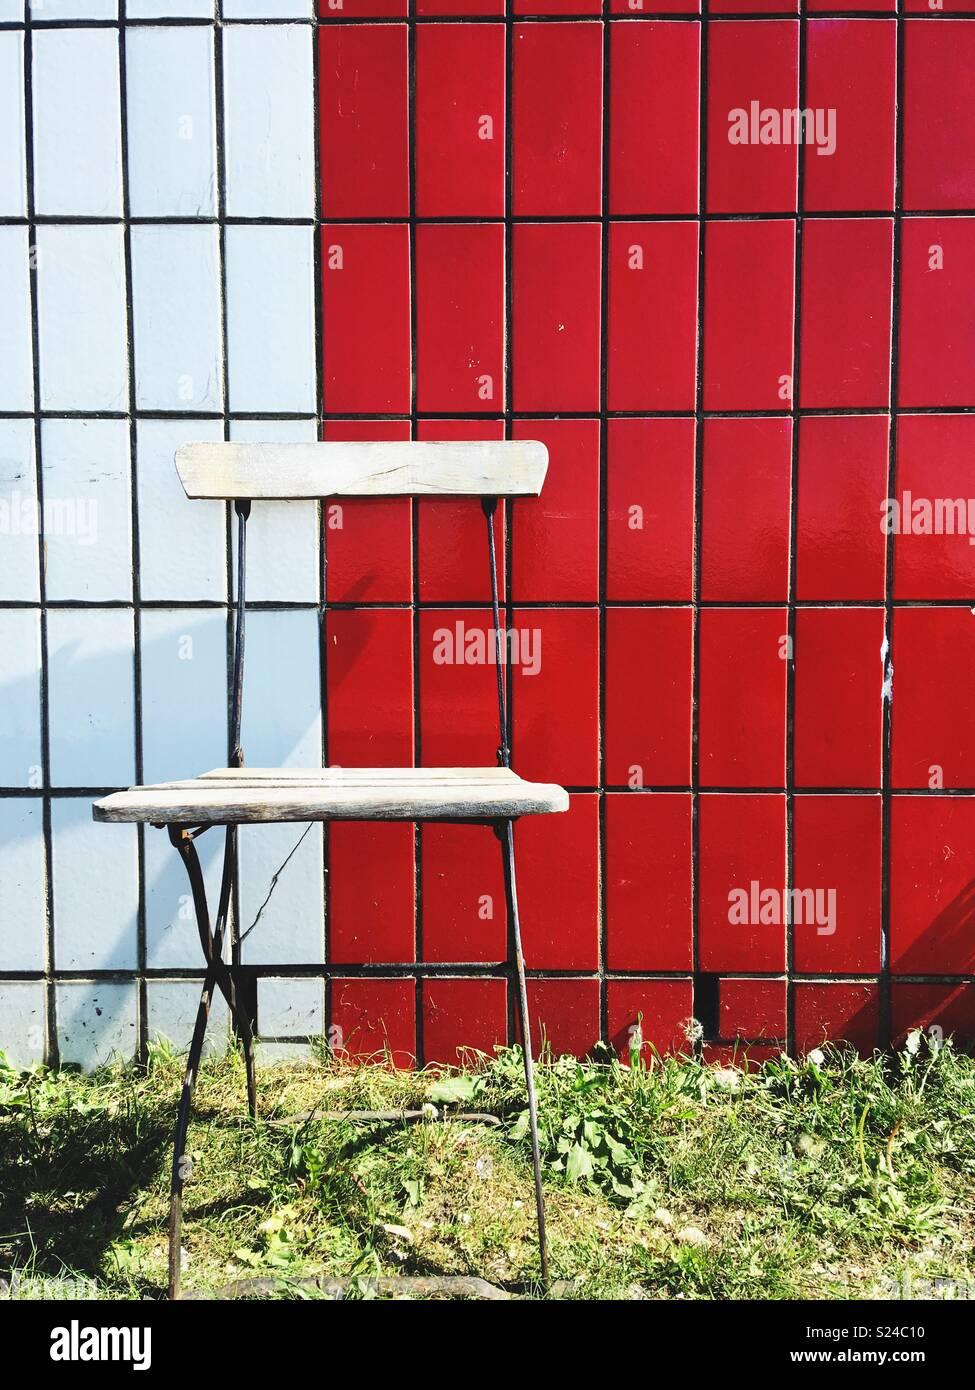 Uma cadeira de madeira jardim contra uma parede de azulejos vermelho e branco Imagens de Stock